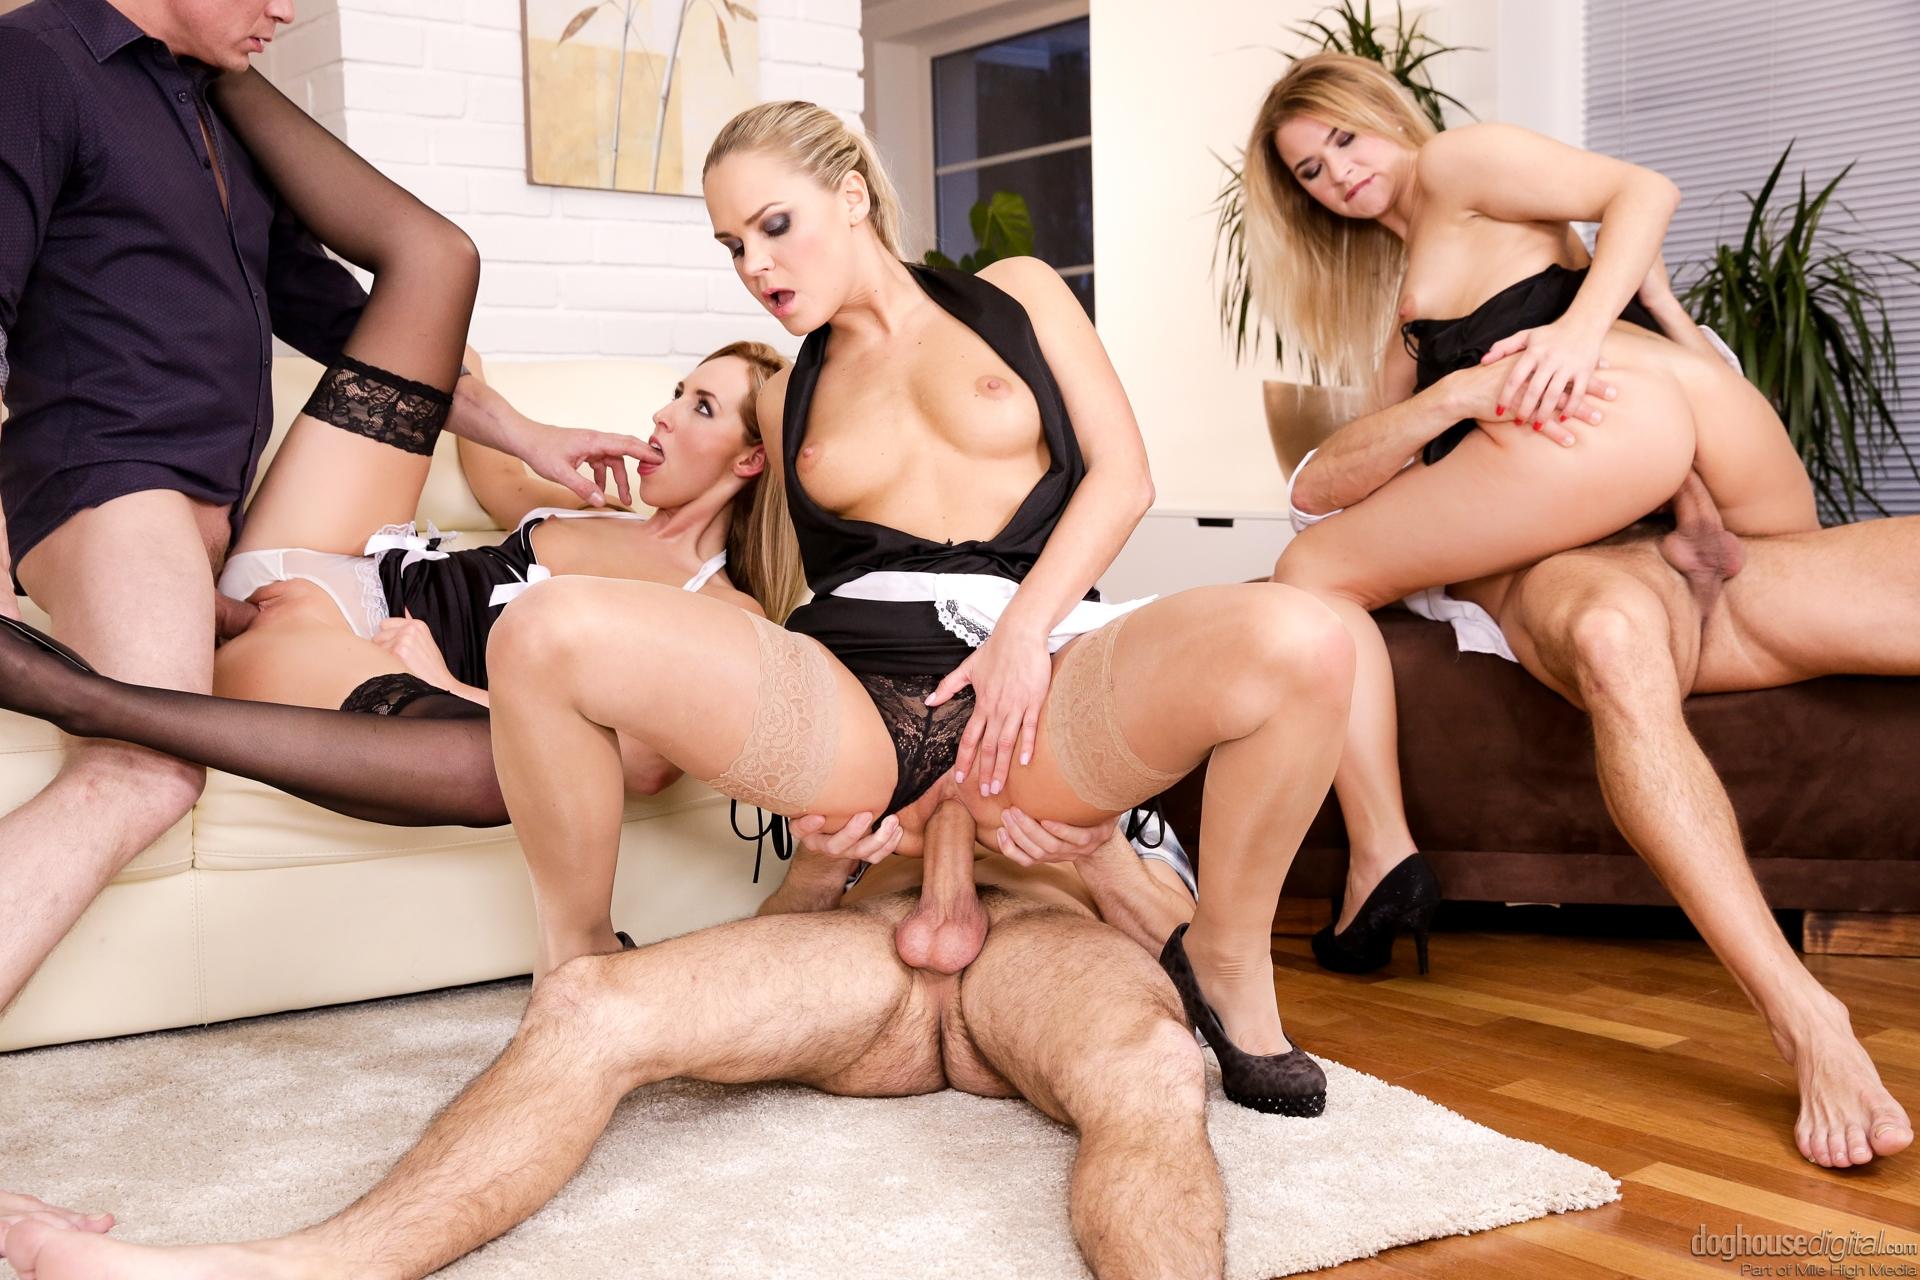 Сюжетное секс порно, Порно с сюжетом - Порнушка с интригой и наслаждением! 8 фотография